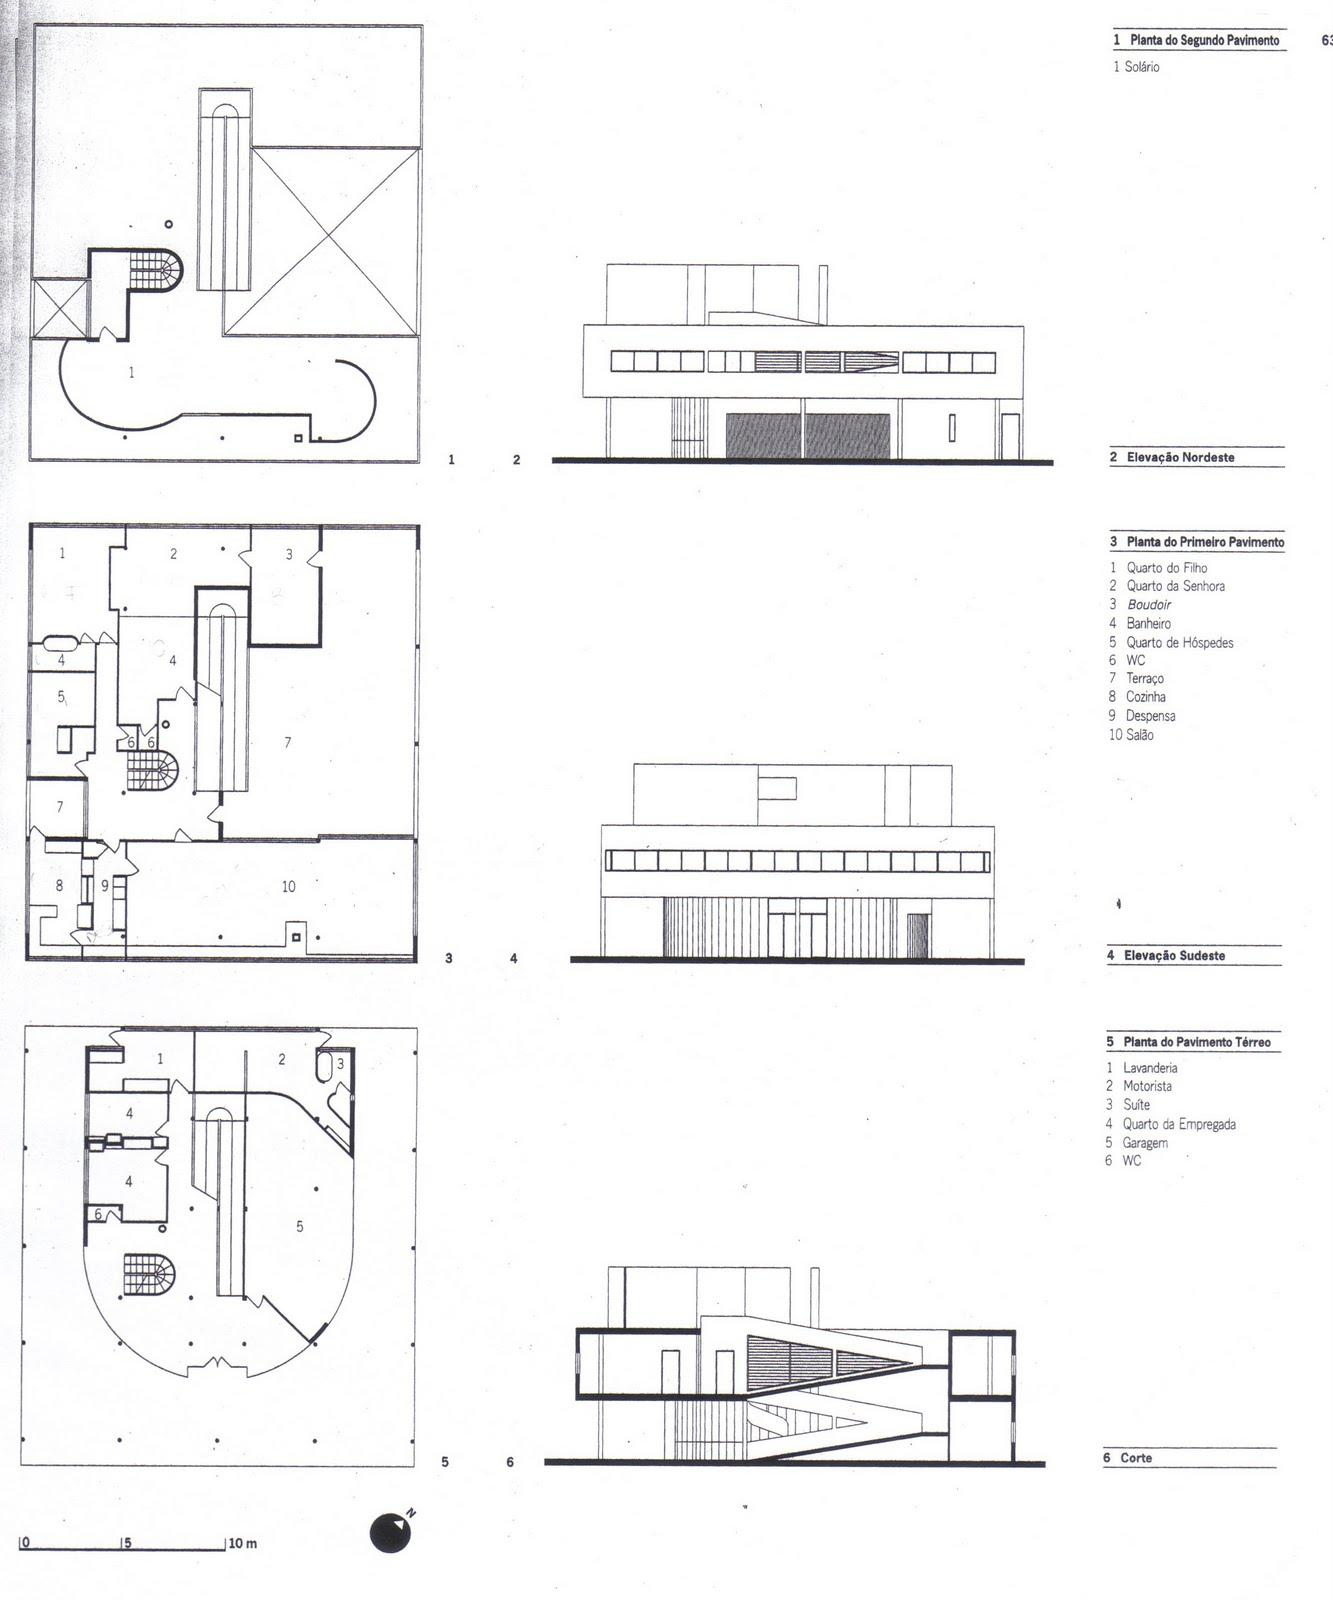 villa savoye planta baixa e fachadas